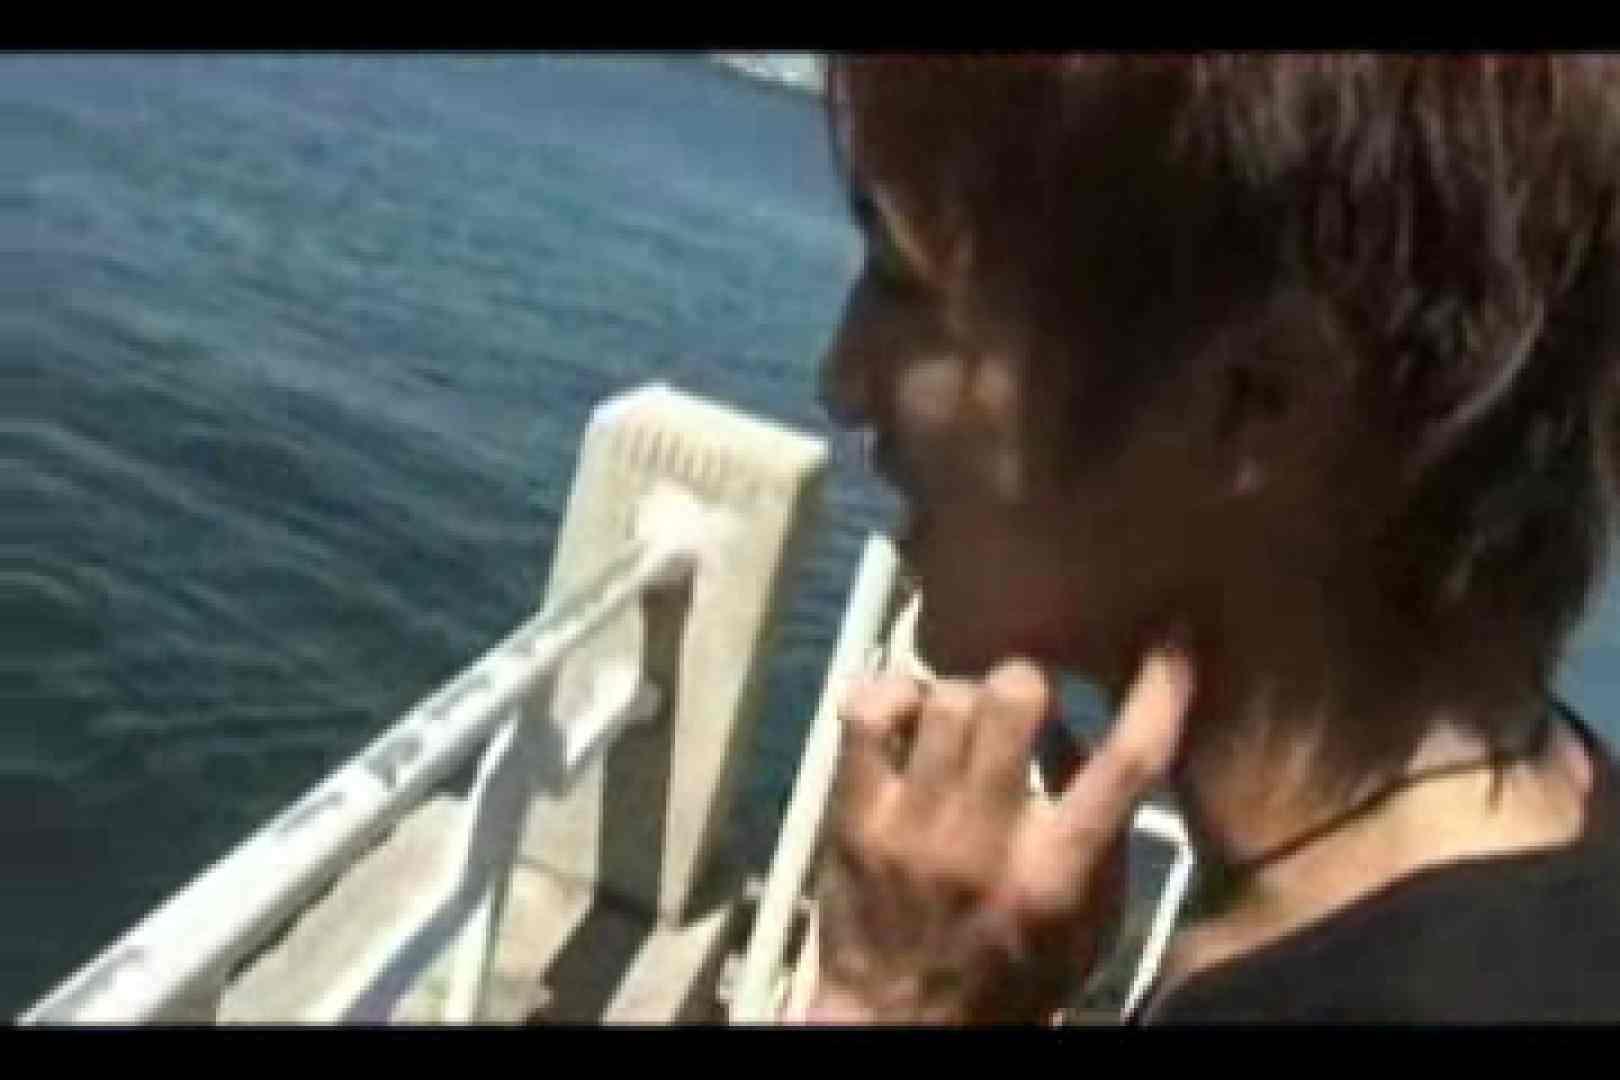 イケメンの逝きまくり旅情!!in 横浜 オナニー ゲイエロビデオ画像 116枚 114